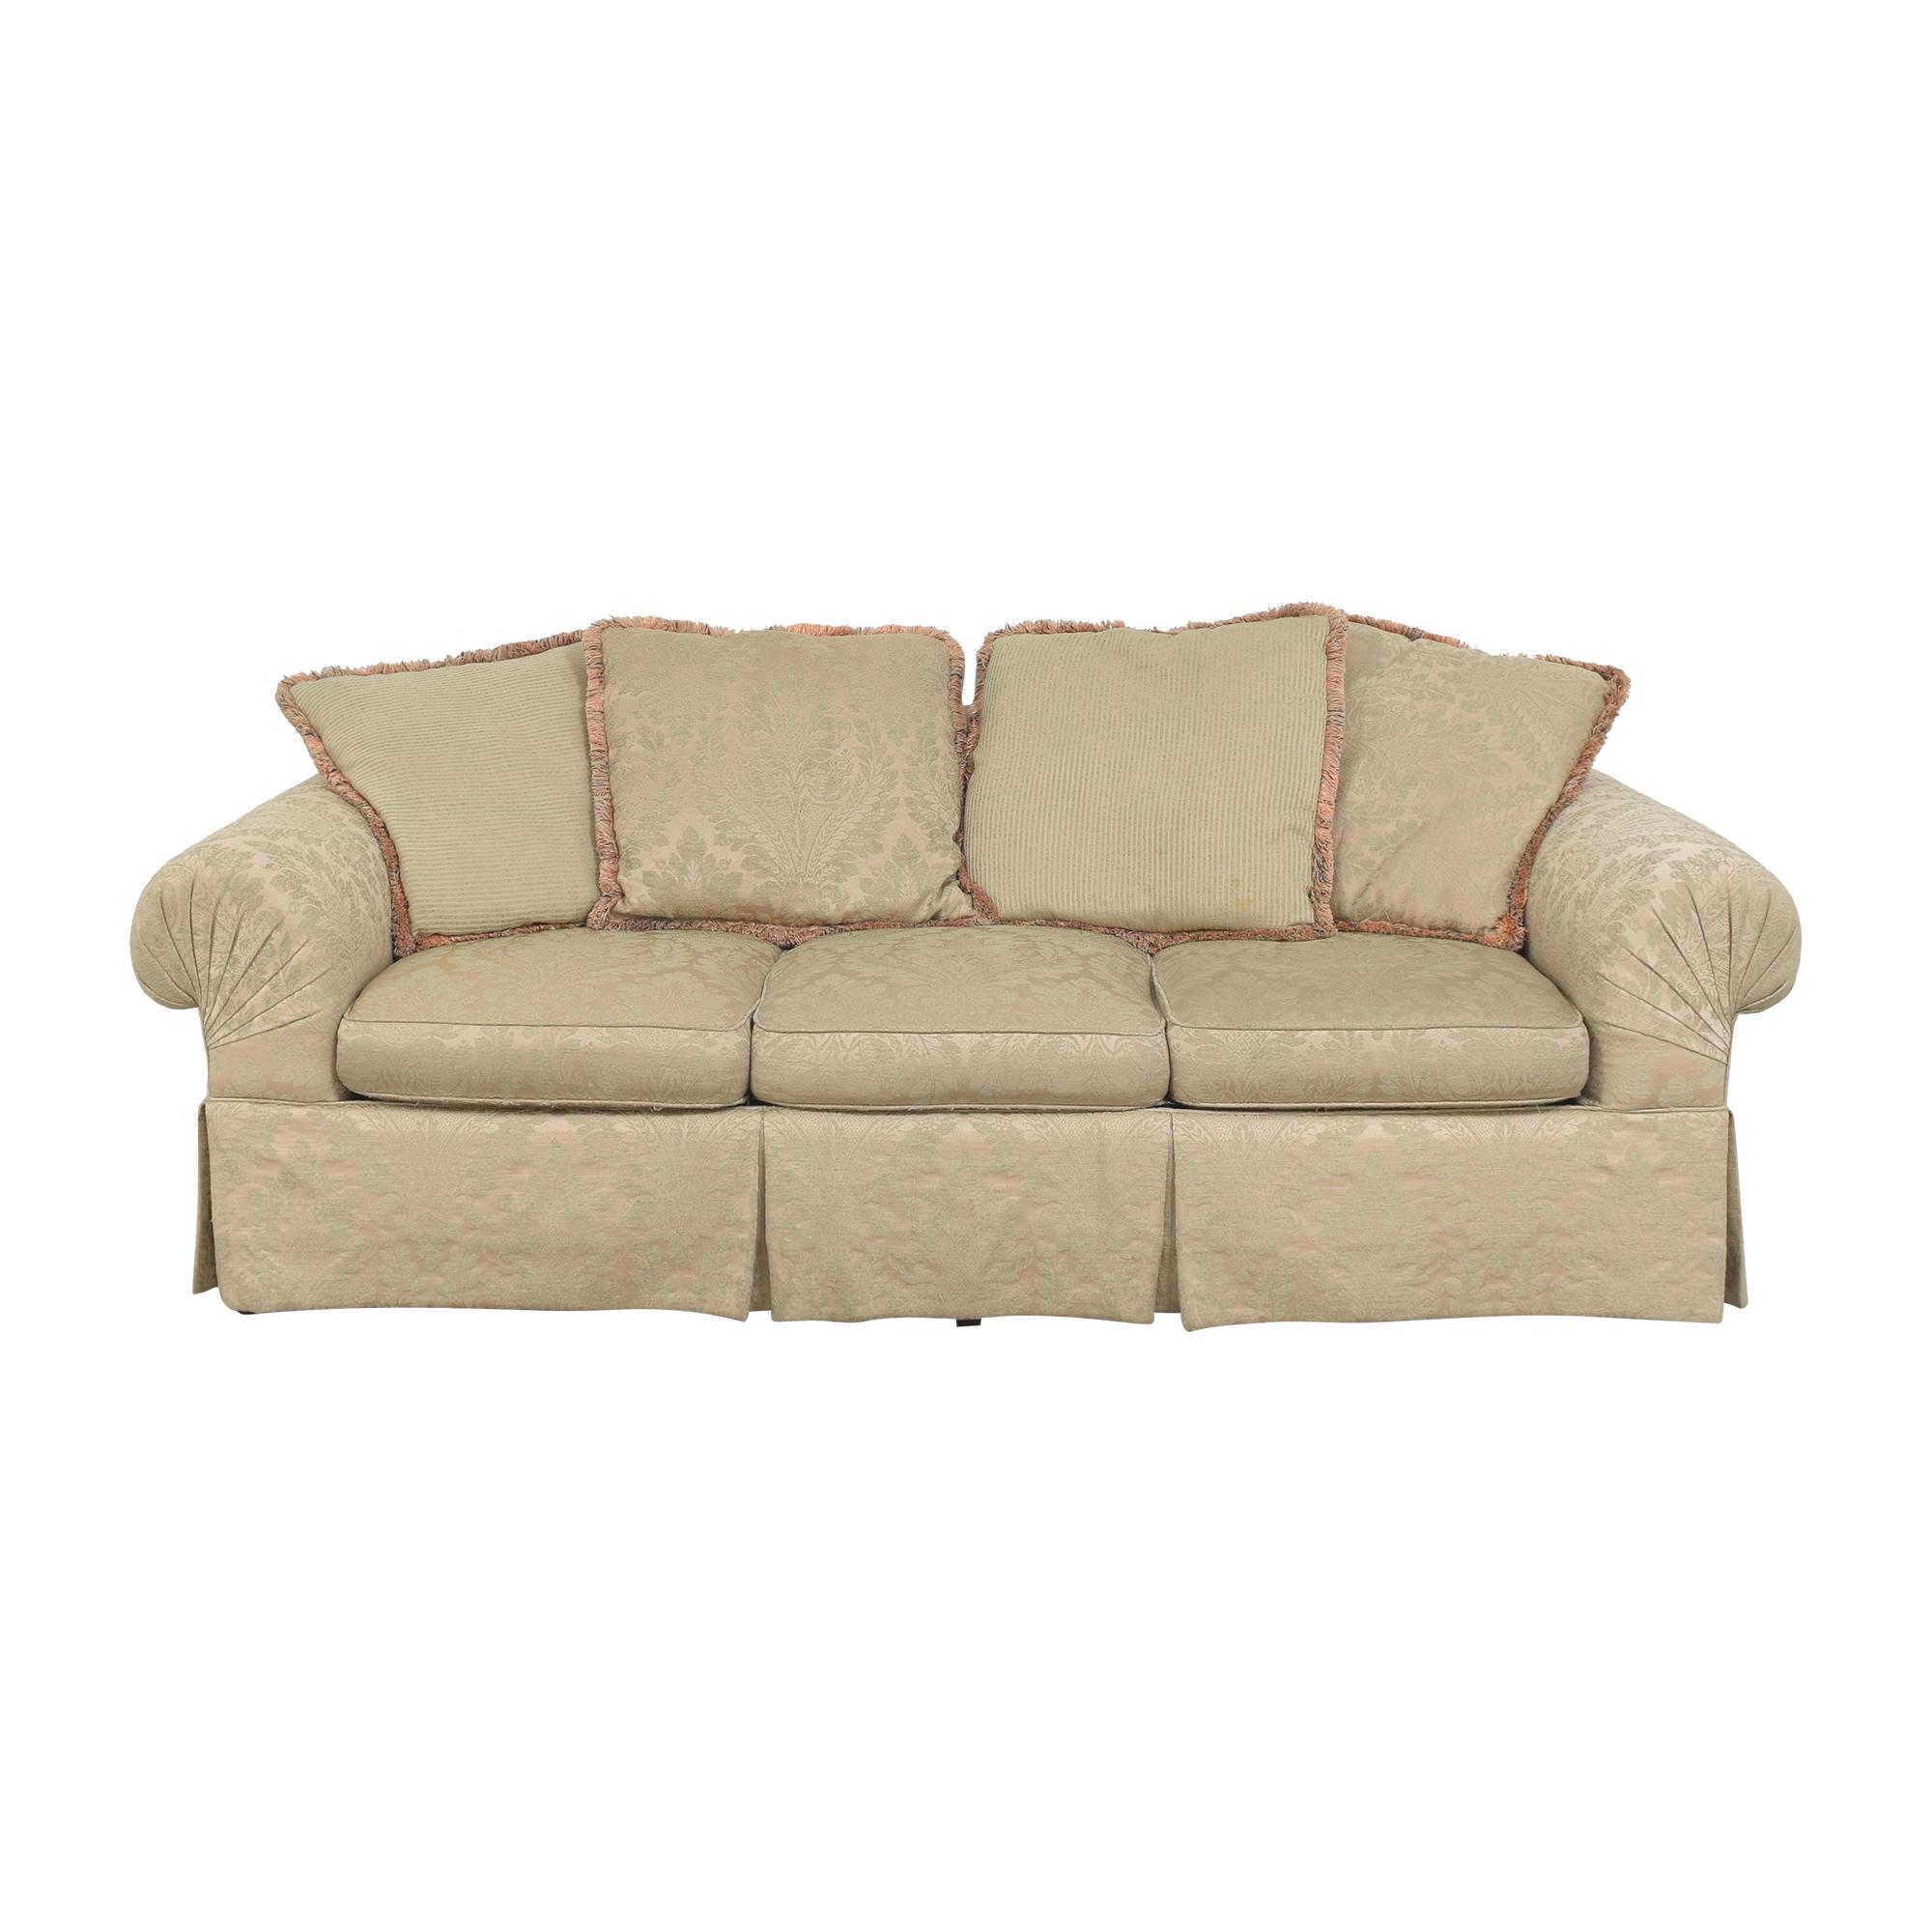 Lexington Furniture Lexington Furniture Skirted Roll Arm Sofa used